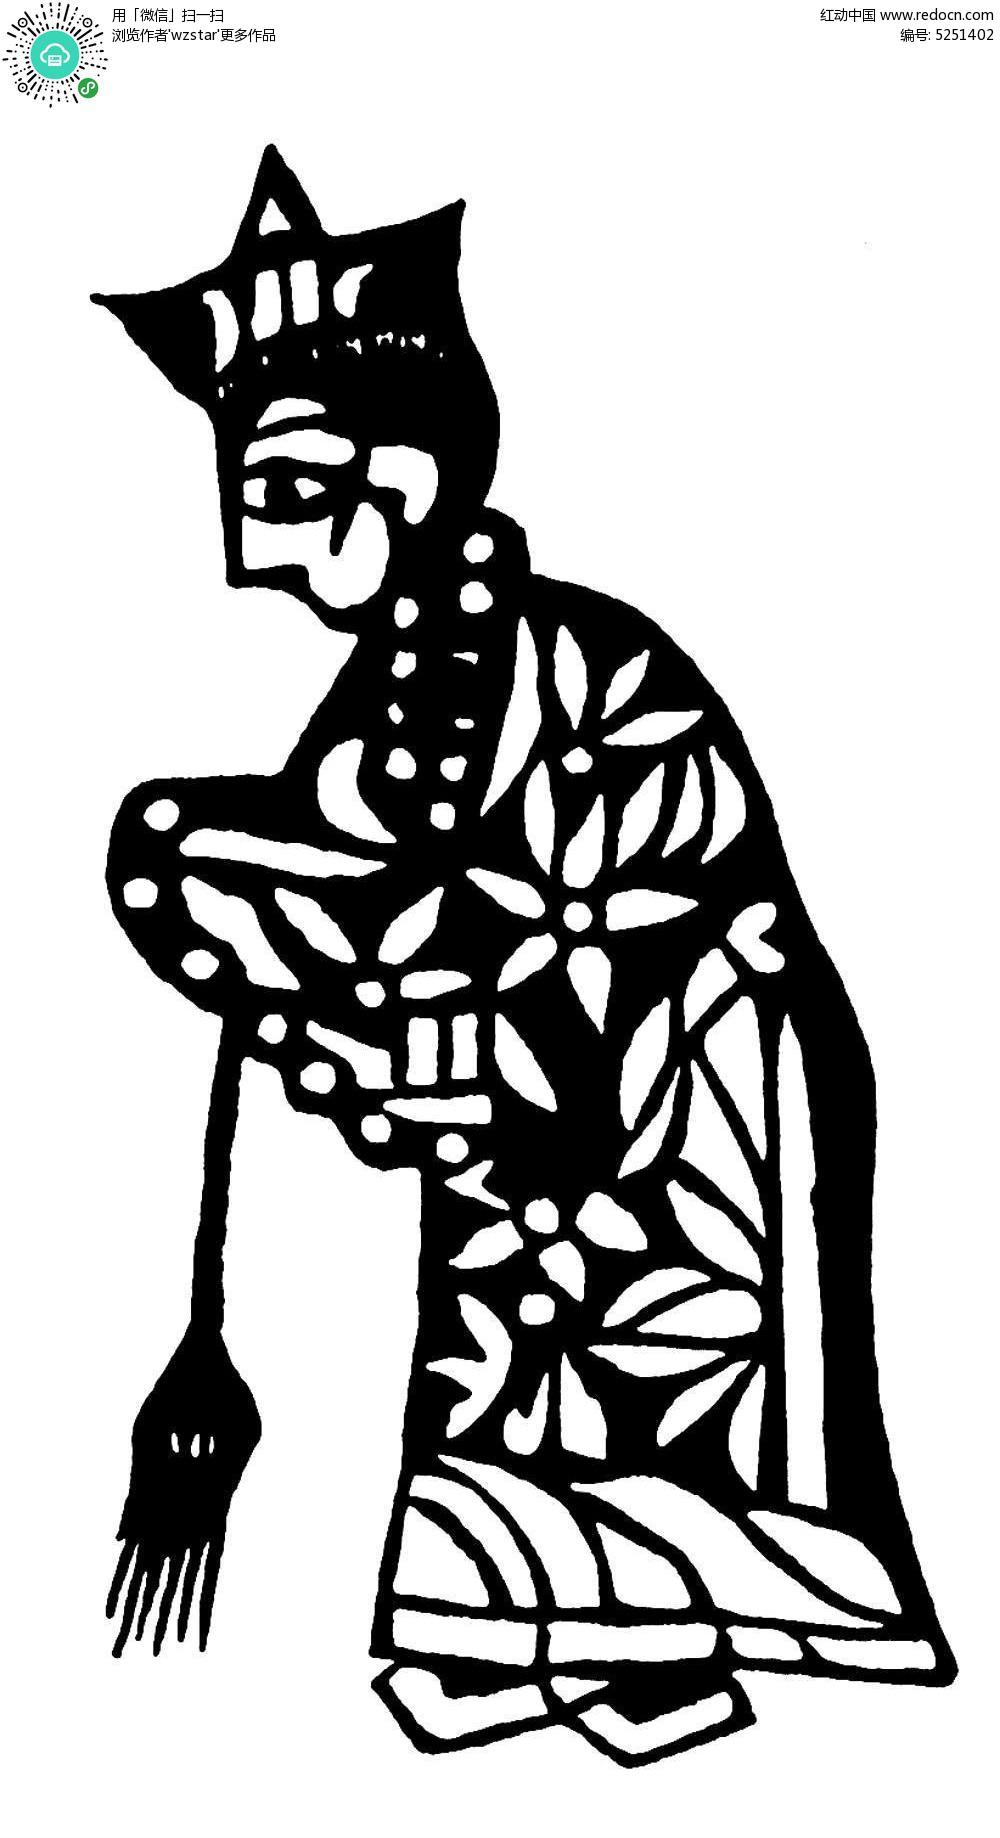 人物 女人 造型 特征 古典